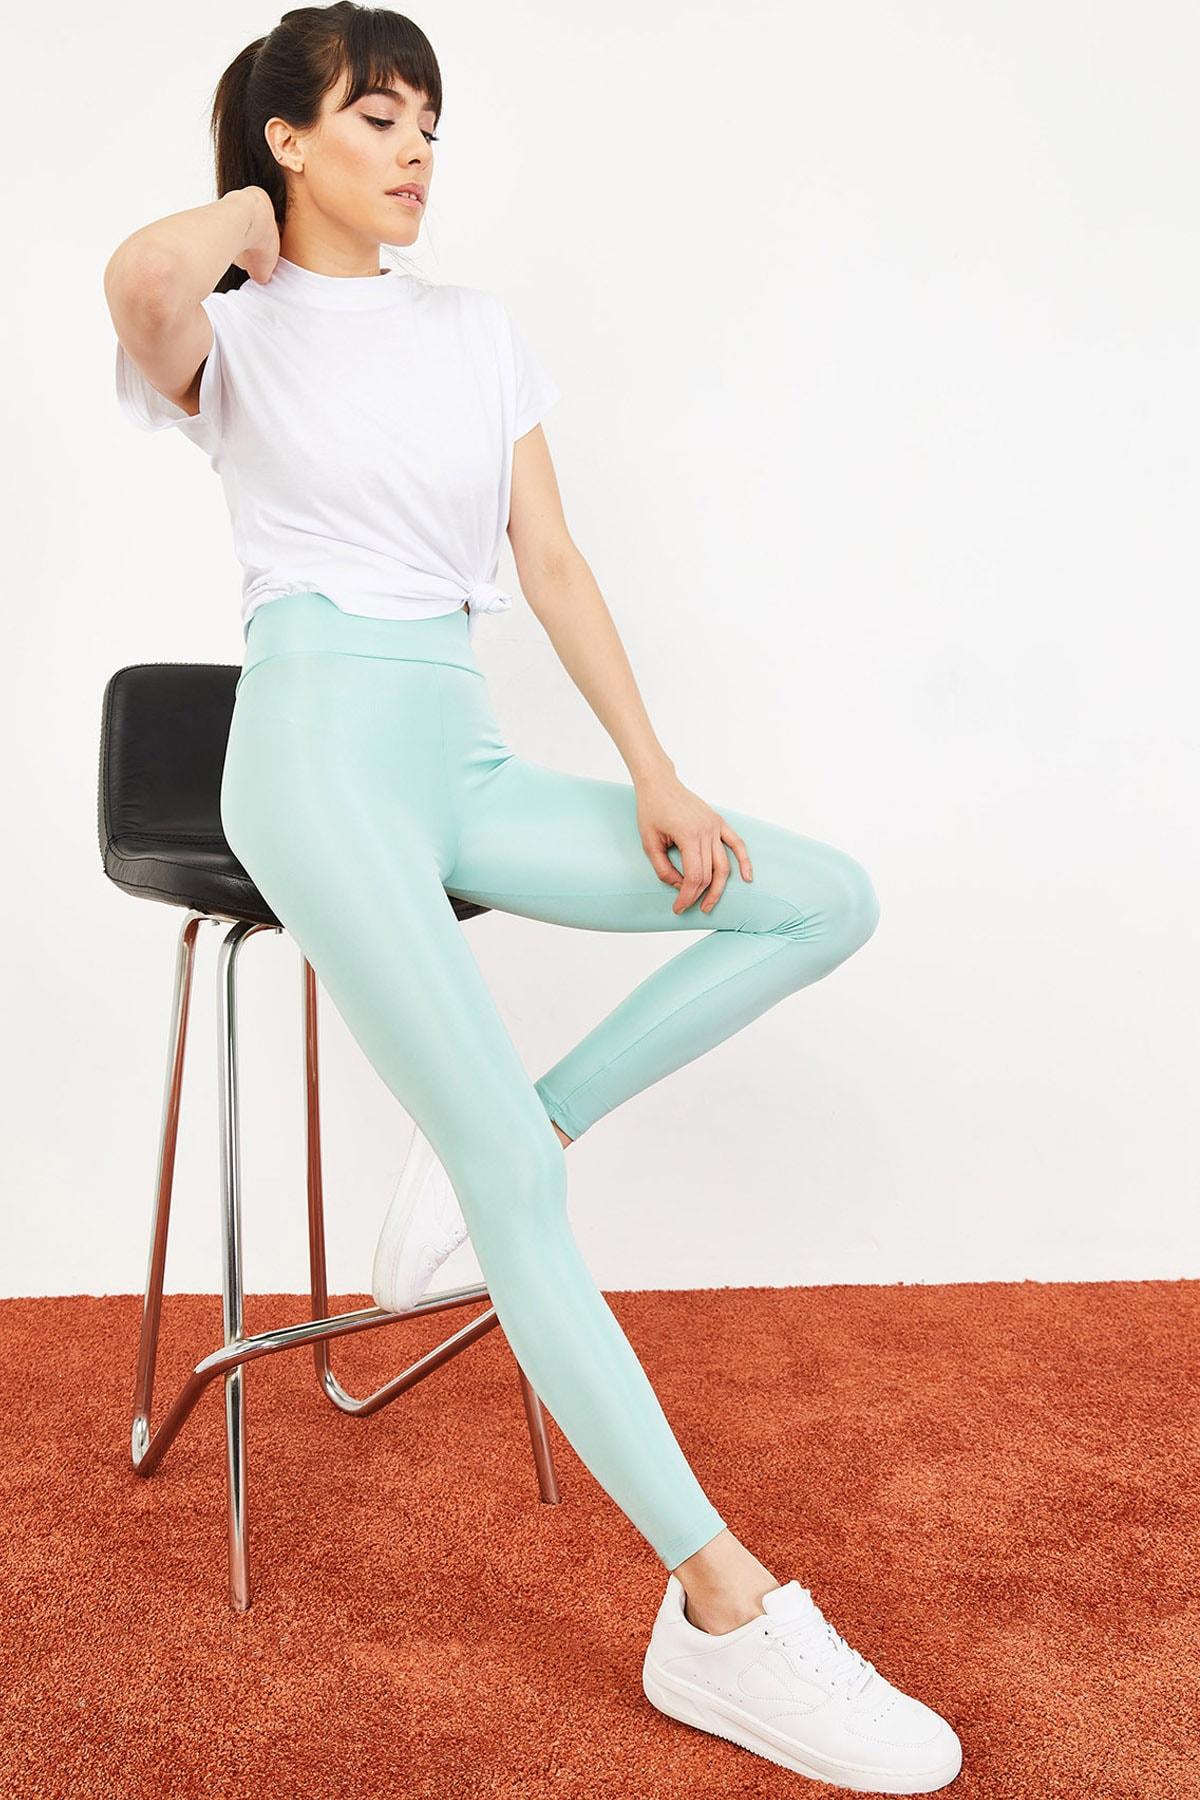 Bianco Lucci Kadın Mint Yeşili Uzun Kemerli Toparlayıcı Parlak Disko Tayt Fitness 2253399 1